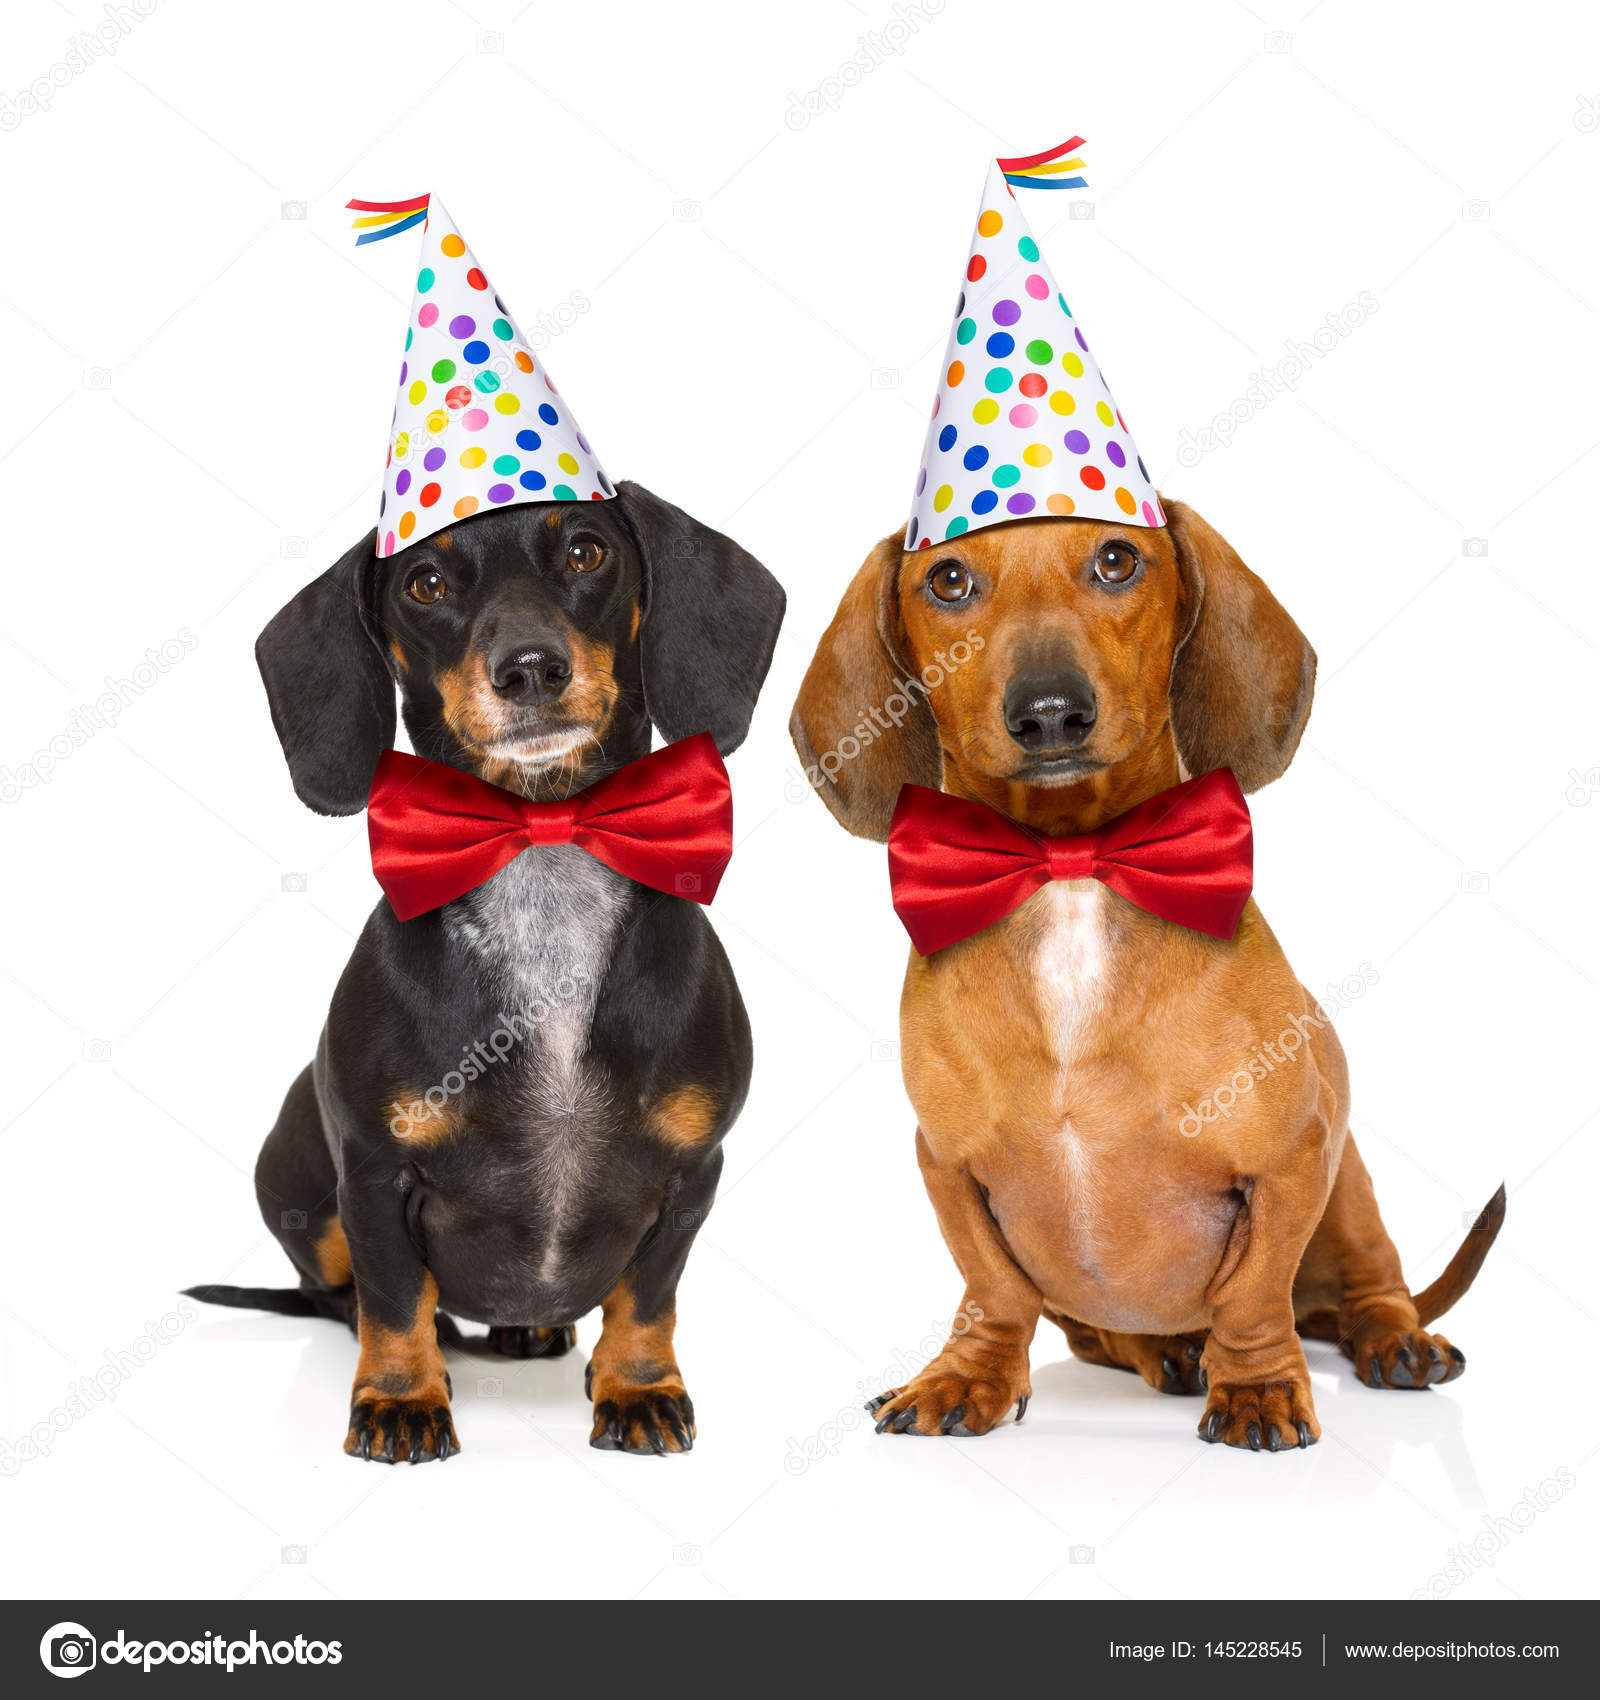 Několik dvou jezevčík nebo klobása psy hladoví po šťastné narozeninový dort  se svíčkami eb51167c49